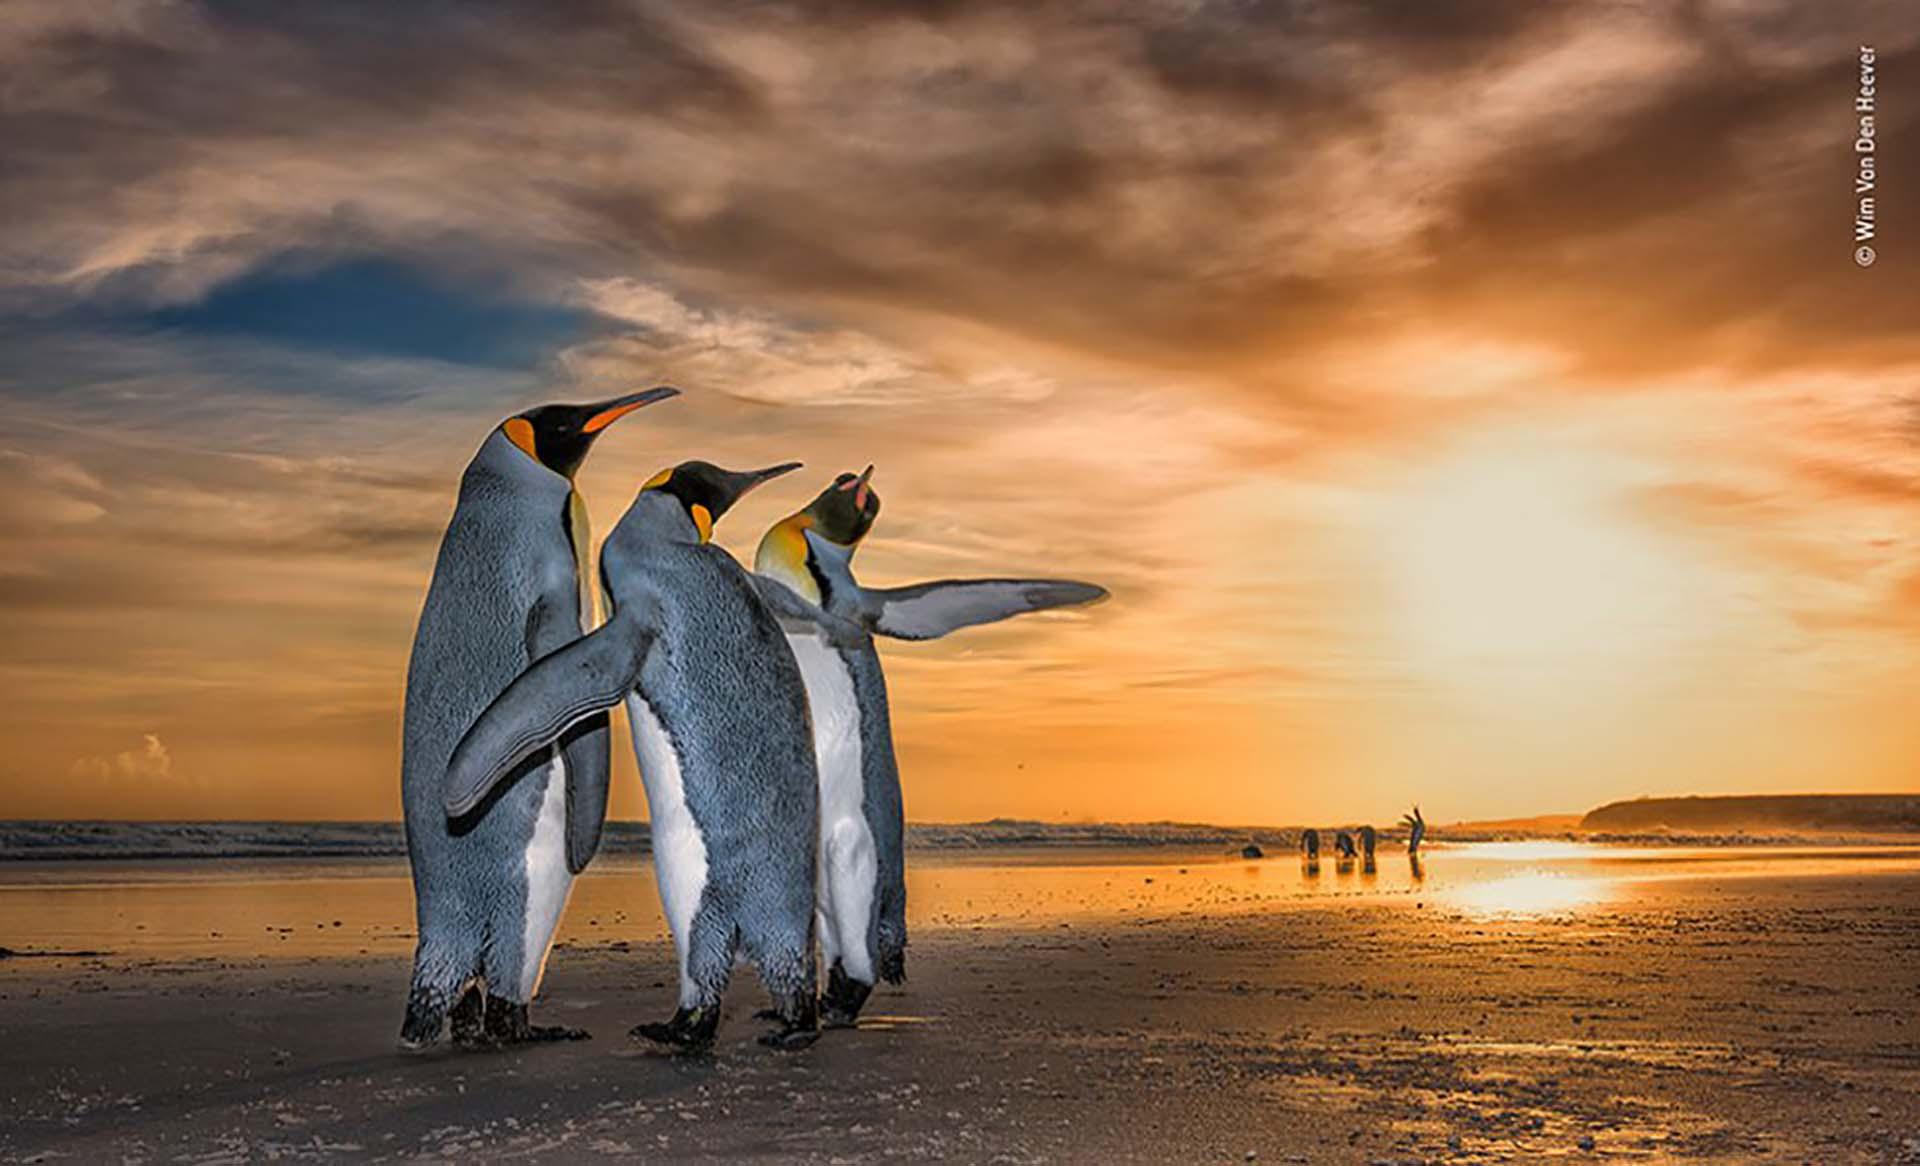 'Tres reyes': Wim Von Den Heever se encontró con estos pingüinos rey en una playa en las Islas Malvinas al amanecer. Estaban atrapados en un fascinante comportamiento de apareamiento: los dos machos se movían constantemente alrededor de la hembra usando sus aletas para defenderse del otro